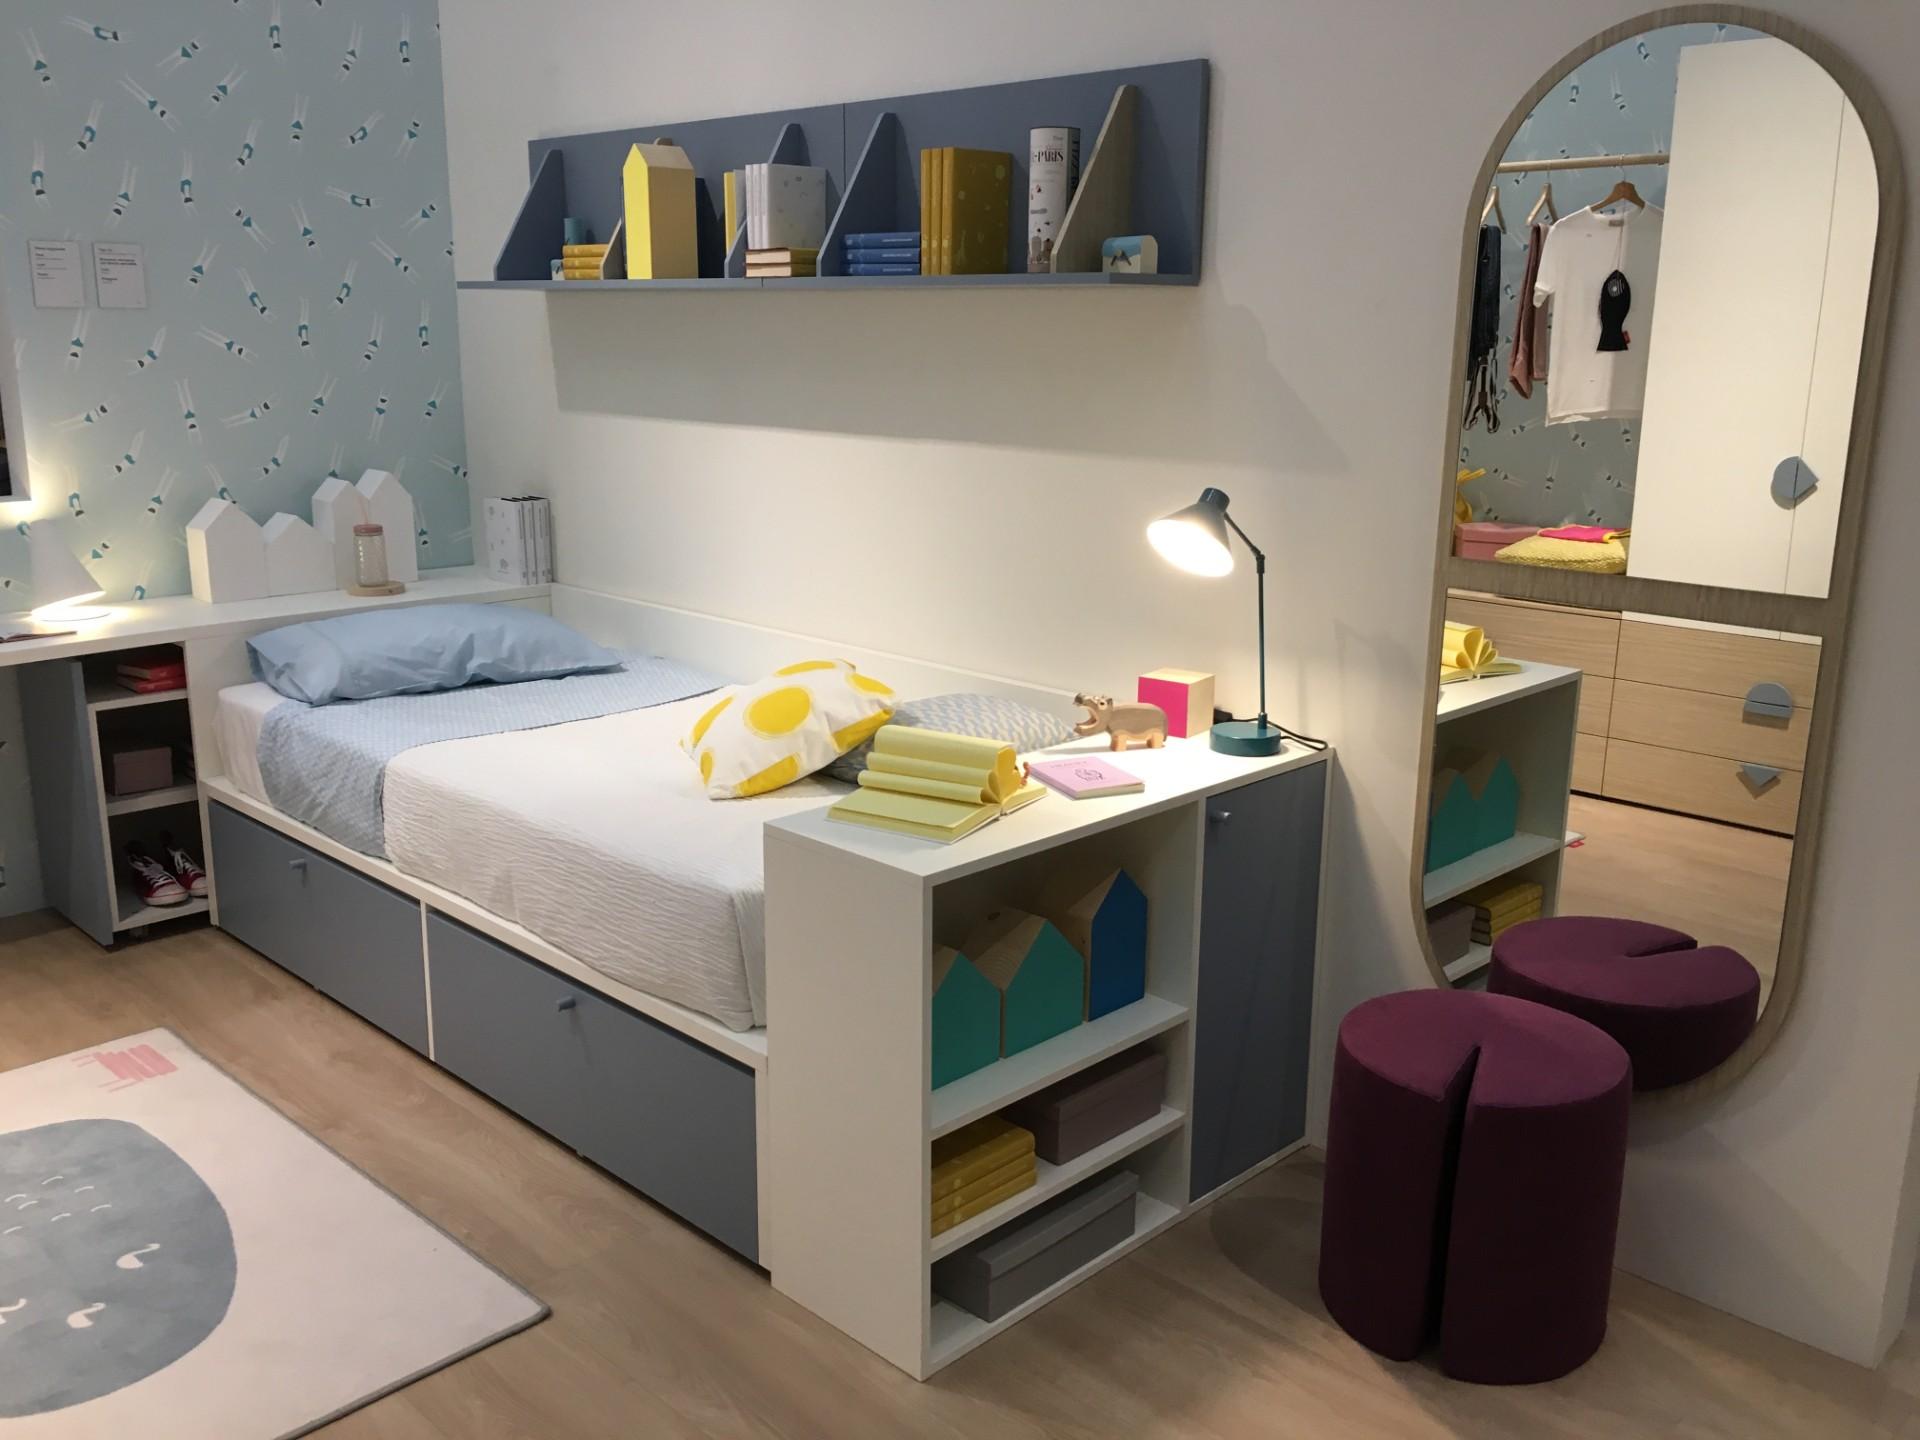 feria-habitat-valencia-2018-interiorismo-interiores-mobiliario-muebles-10